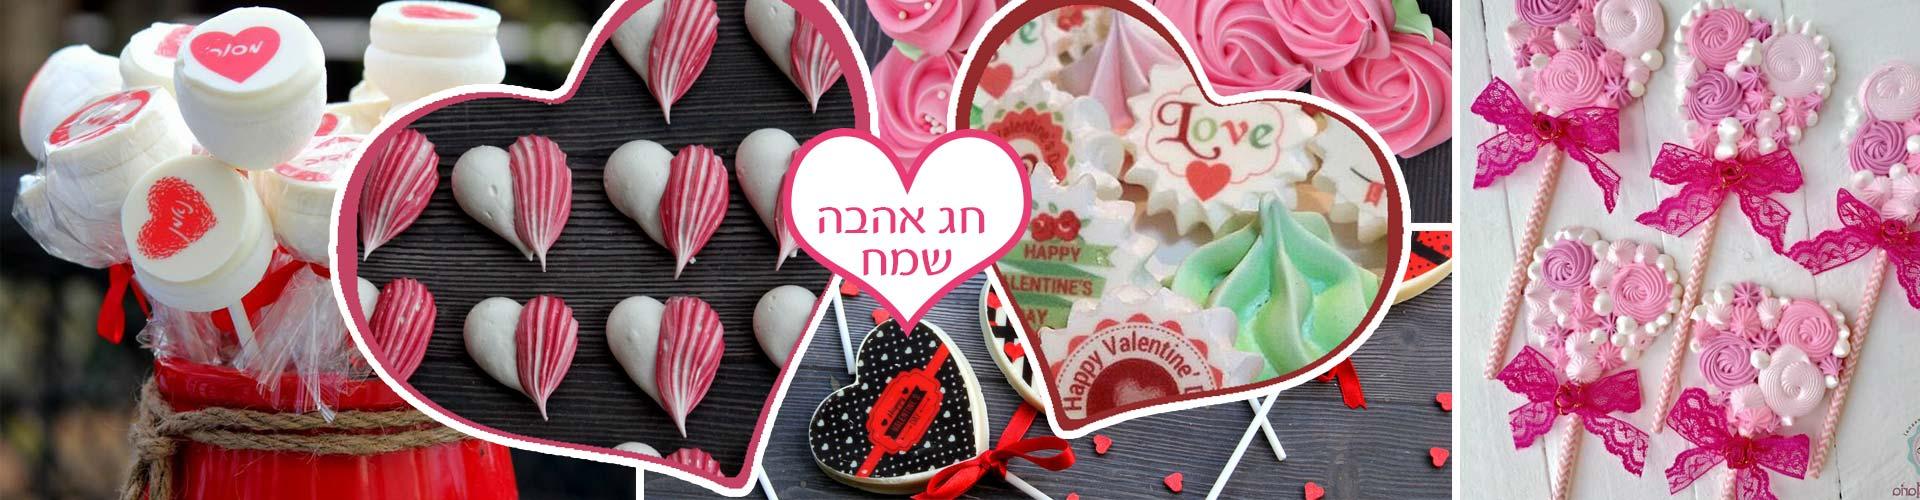 באנר יום האהבה